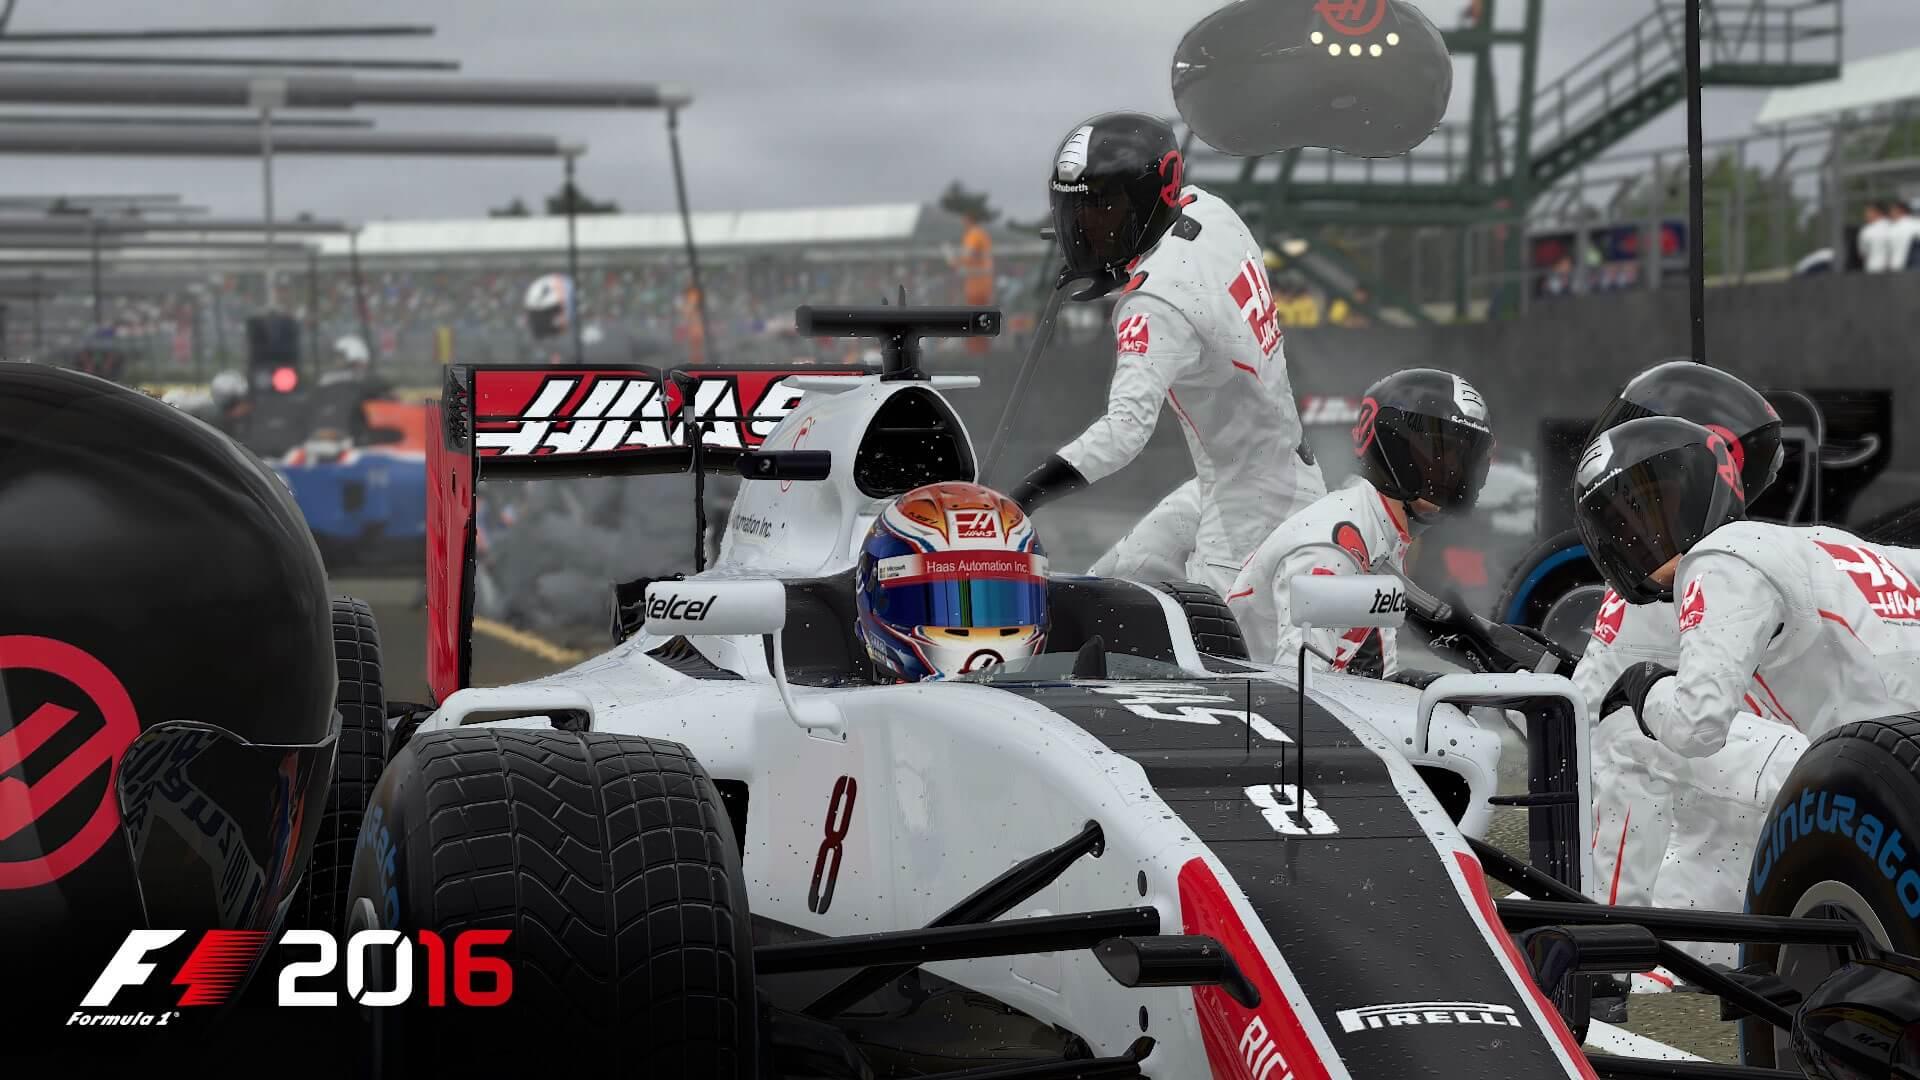 F1 2016: Runter mit den Slicks! Es hat wieder angefangen zu regnen (Bildrechte: Feral Interactive)